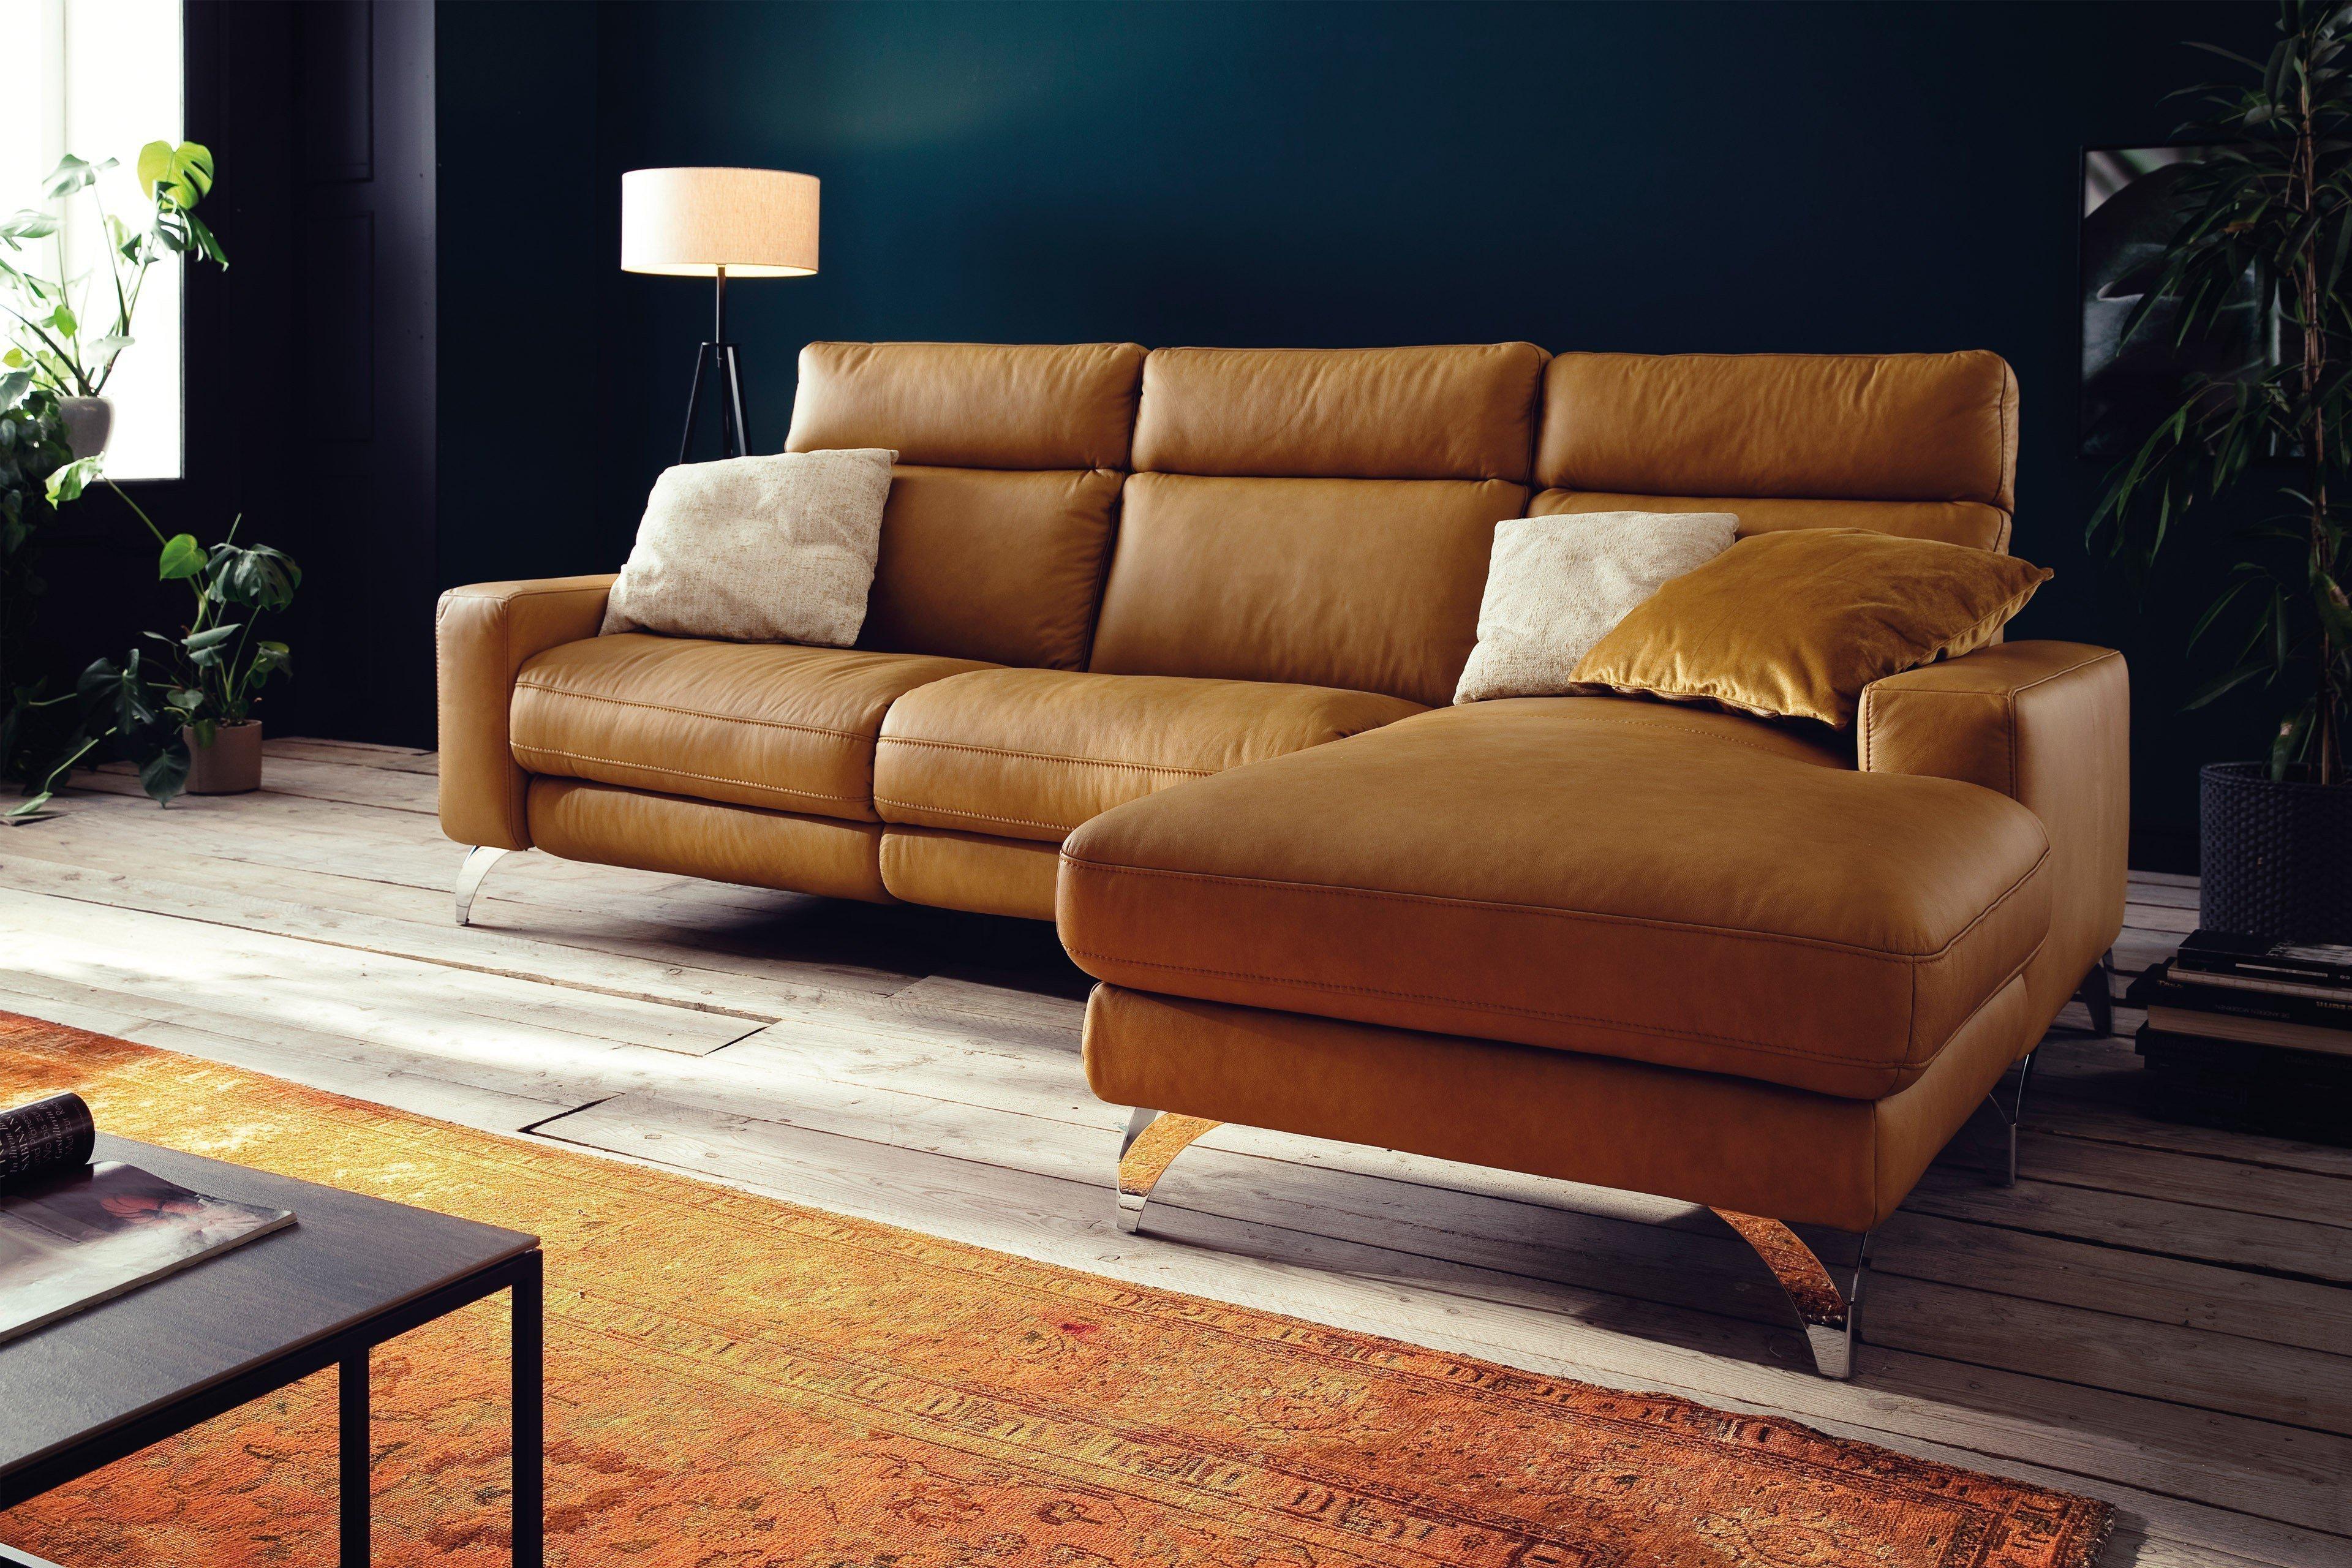 polsteria caspian eckgarnitur braun m bel letz ihr online shop. Black Bedroom Furniture Sets. Home Design Ideas